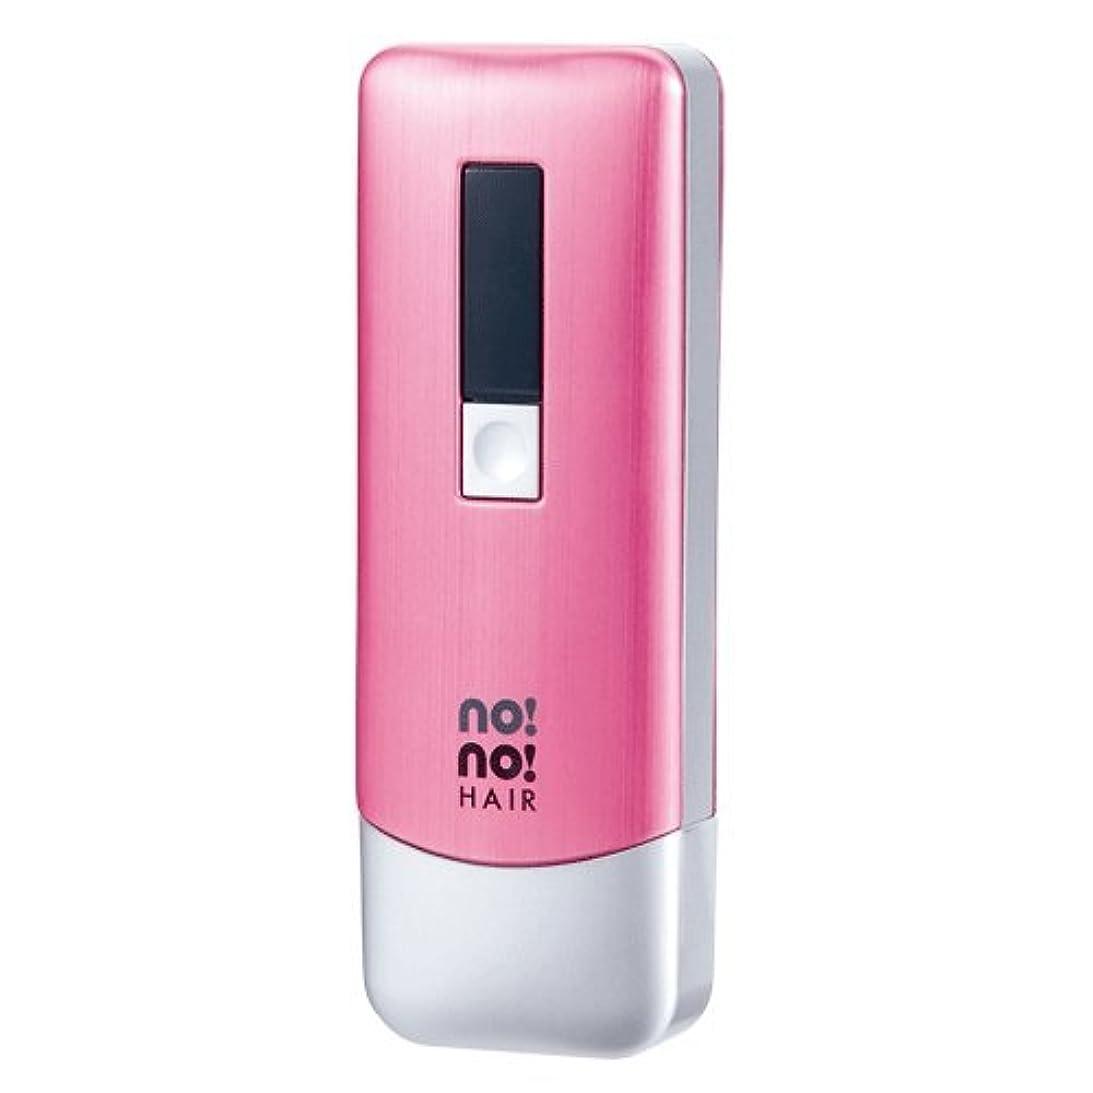 アイデア主流インクノーノーヘアスマート no!no!HAIRSMART 脱毛器 ヤーマン (ピンク)